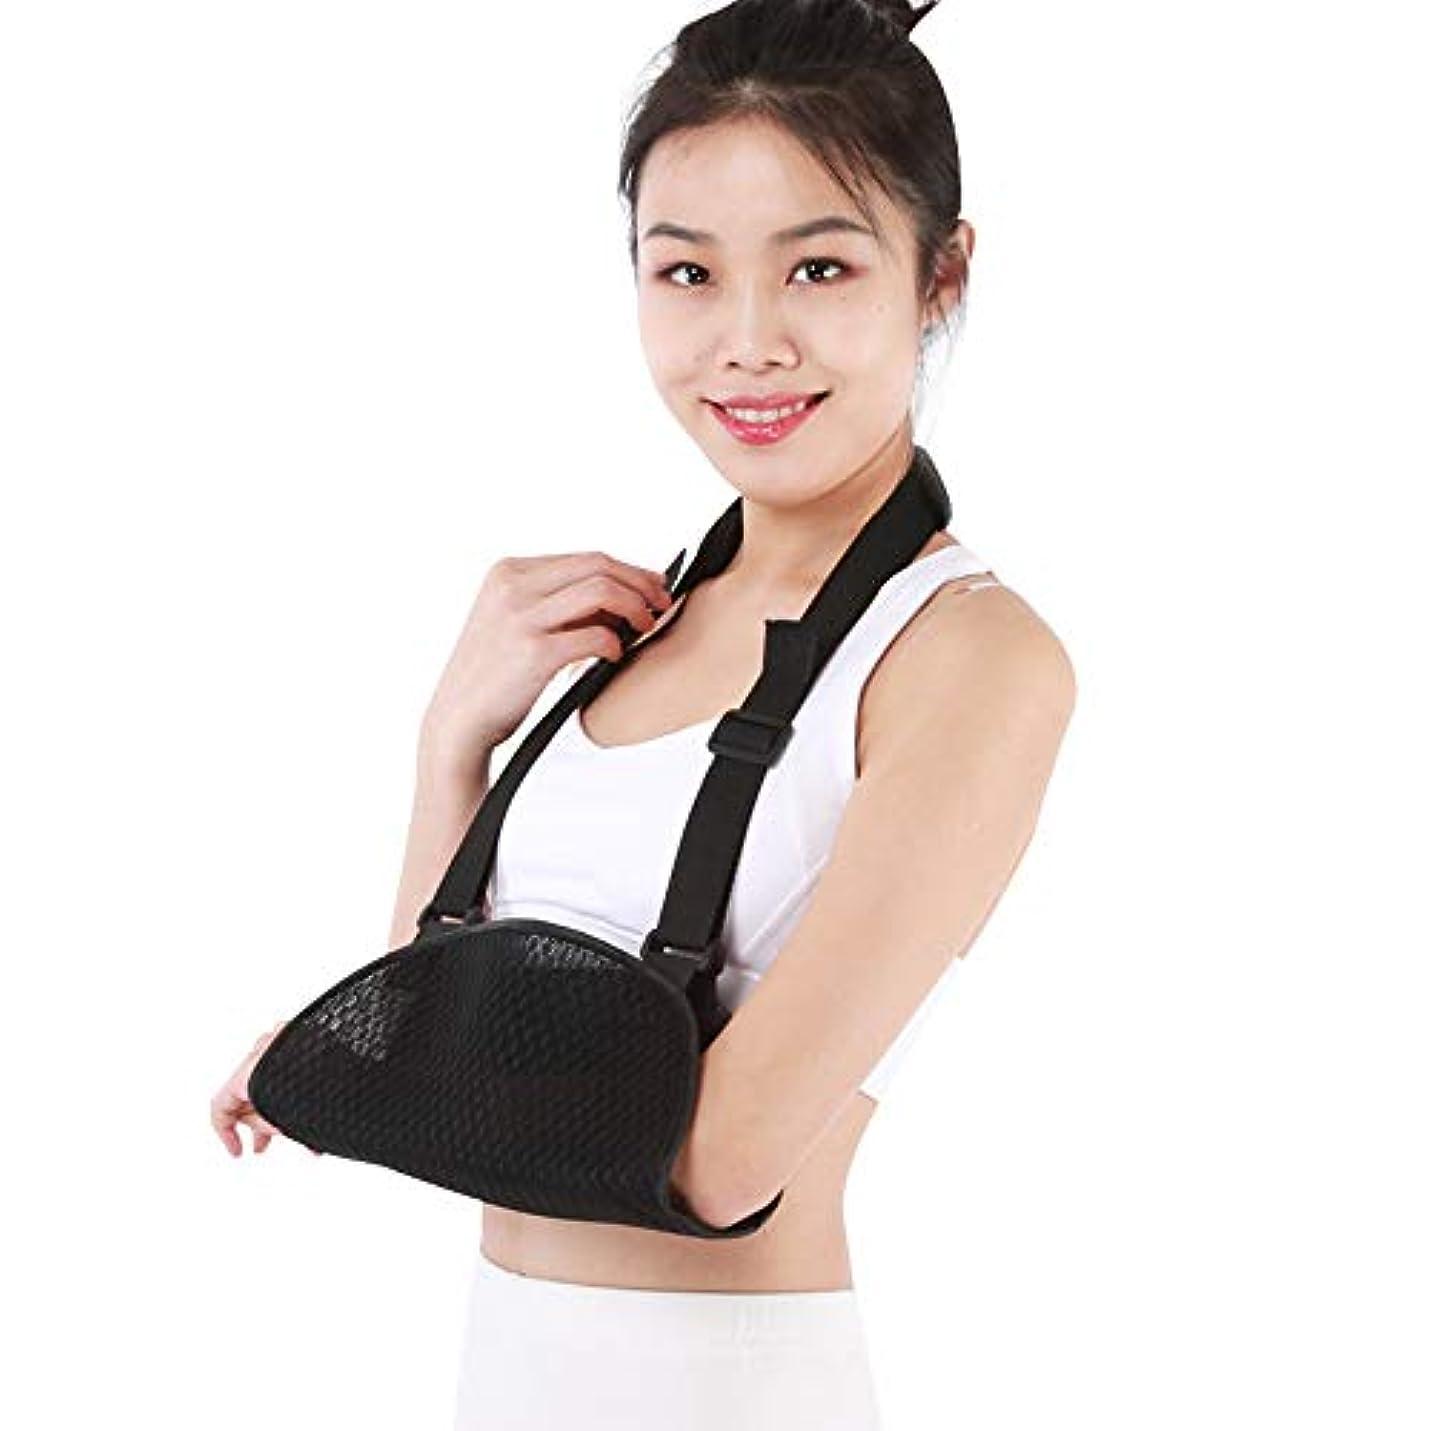 アームスリングメディカルサポートストラップ肩、腕、肘、男性と女性用の回旋腱板痛用の調整可能なスリングを備えた快適なイモビライザー